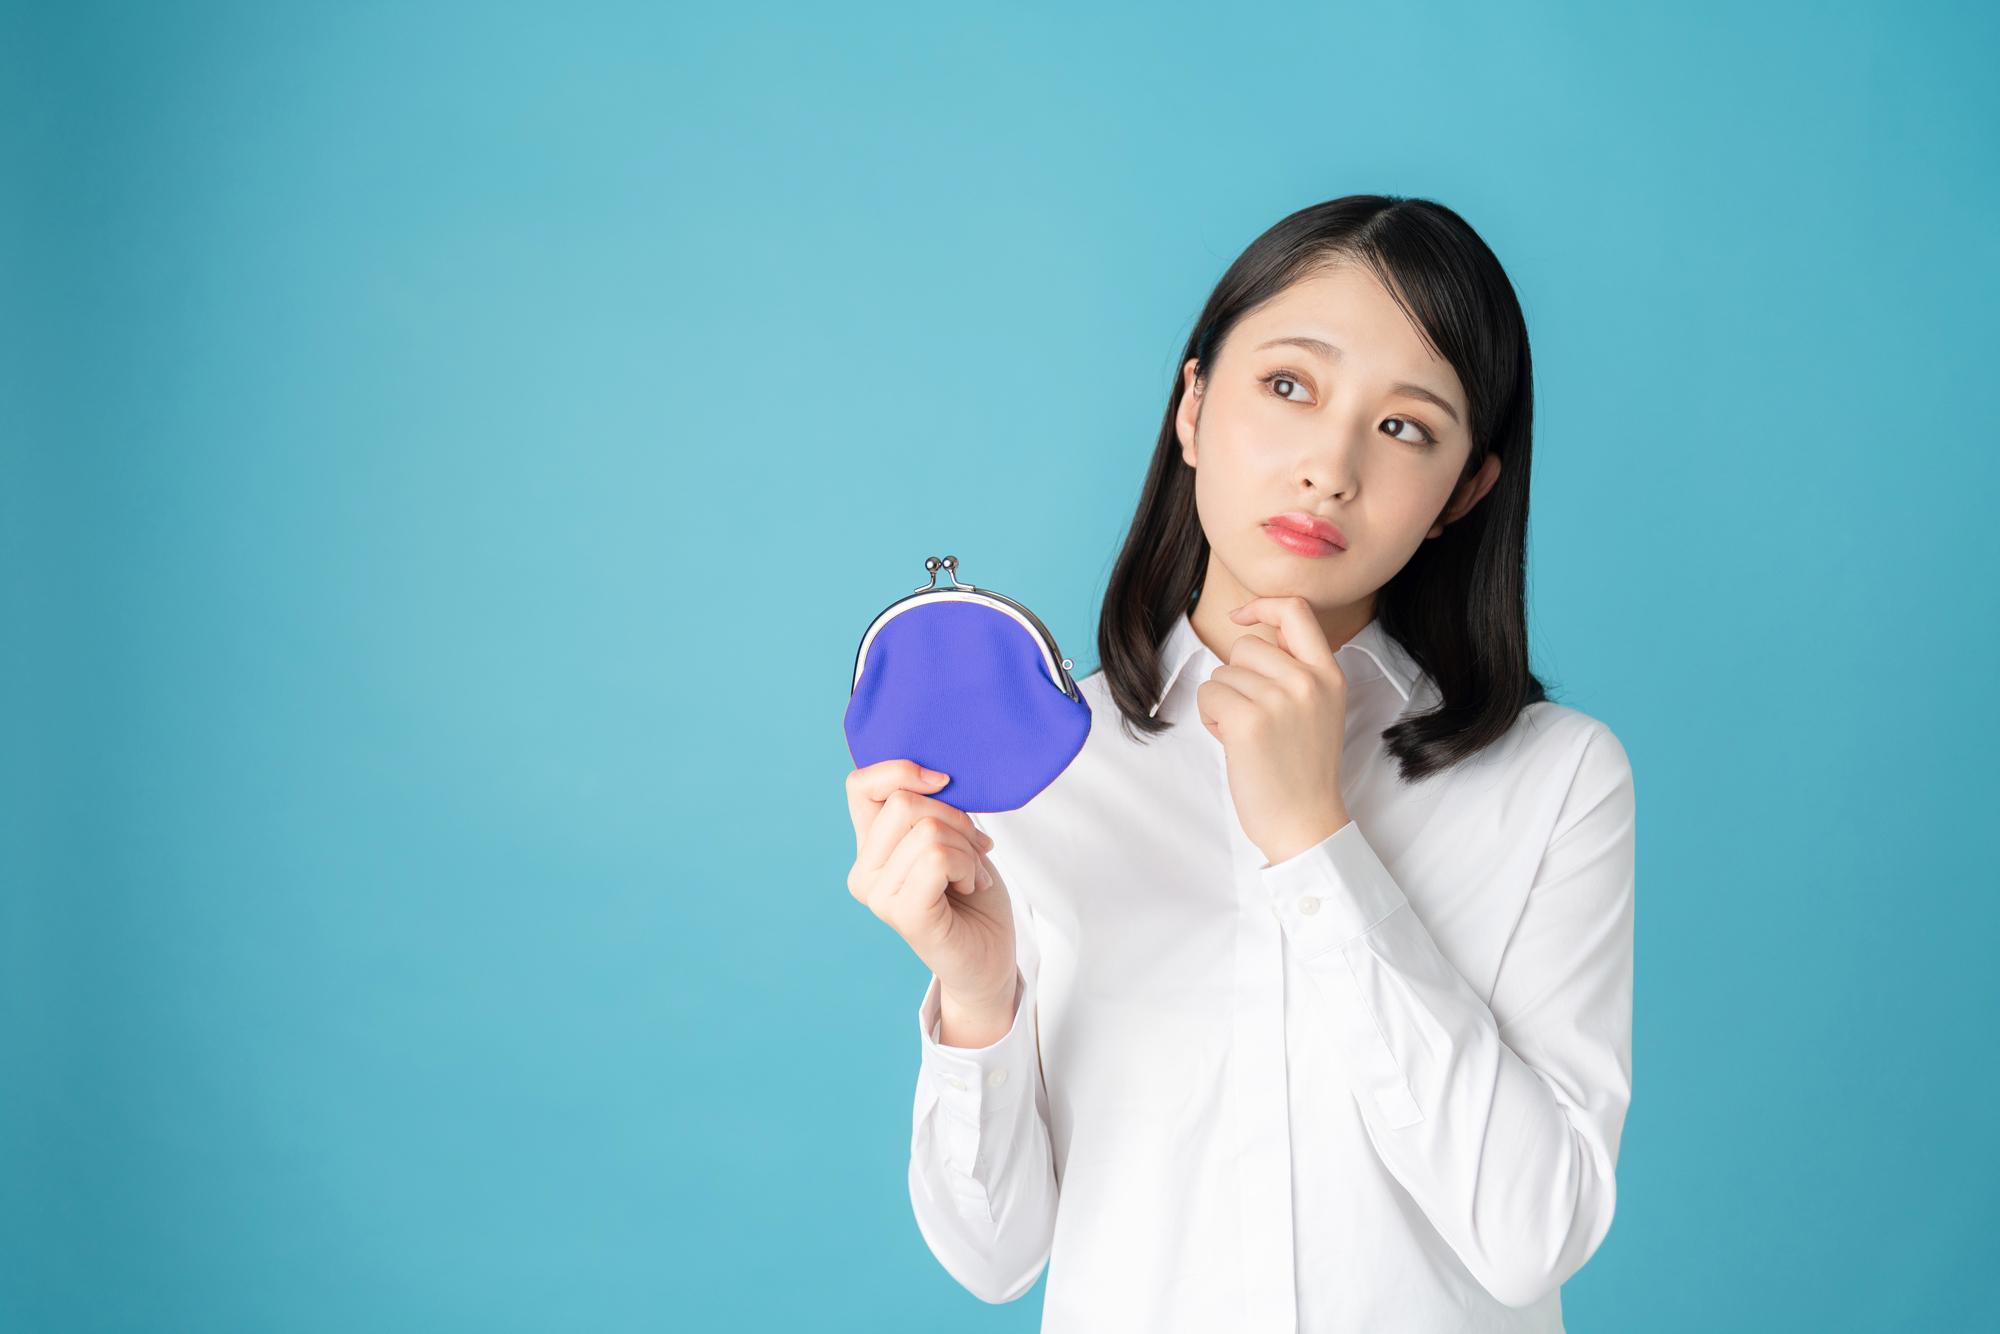 お金が貯まる体質になる? 普段から意識したい「これは消費?浪費?投資?」